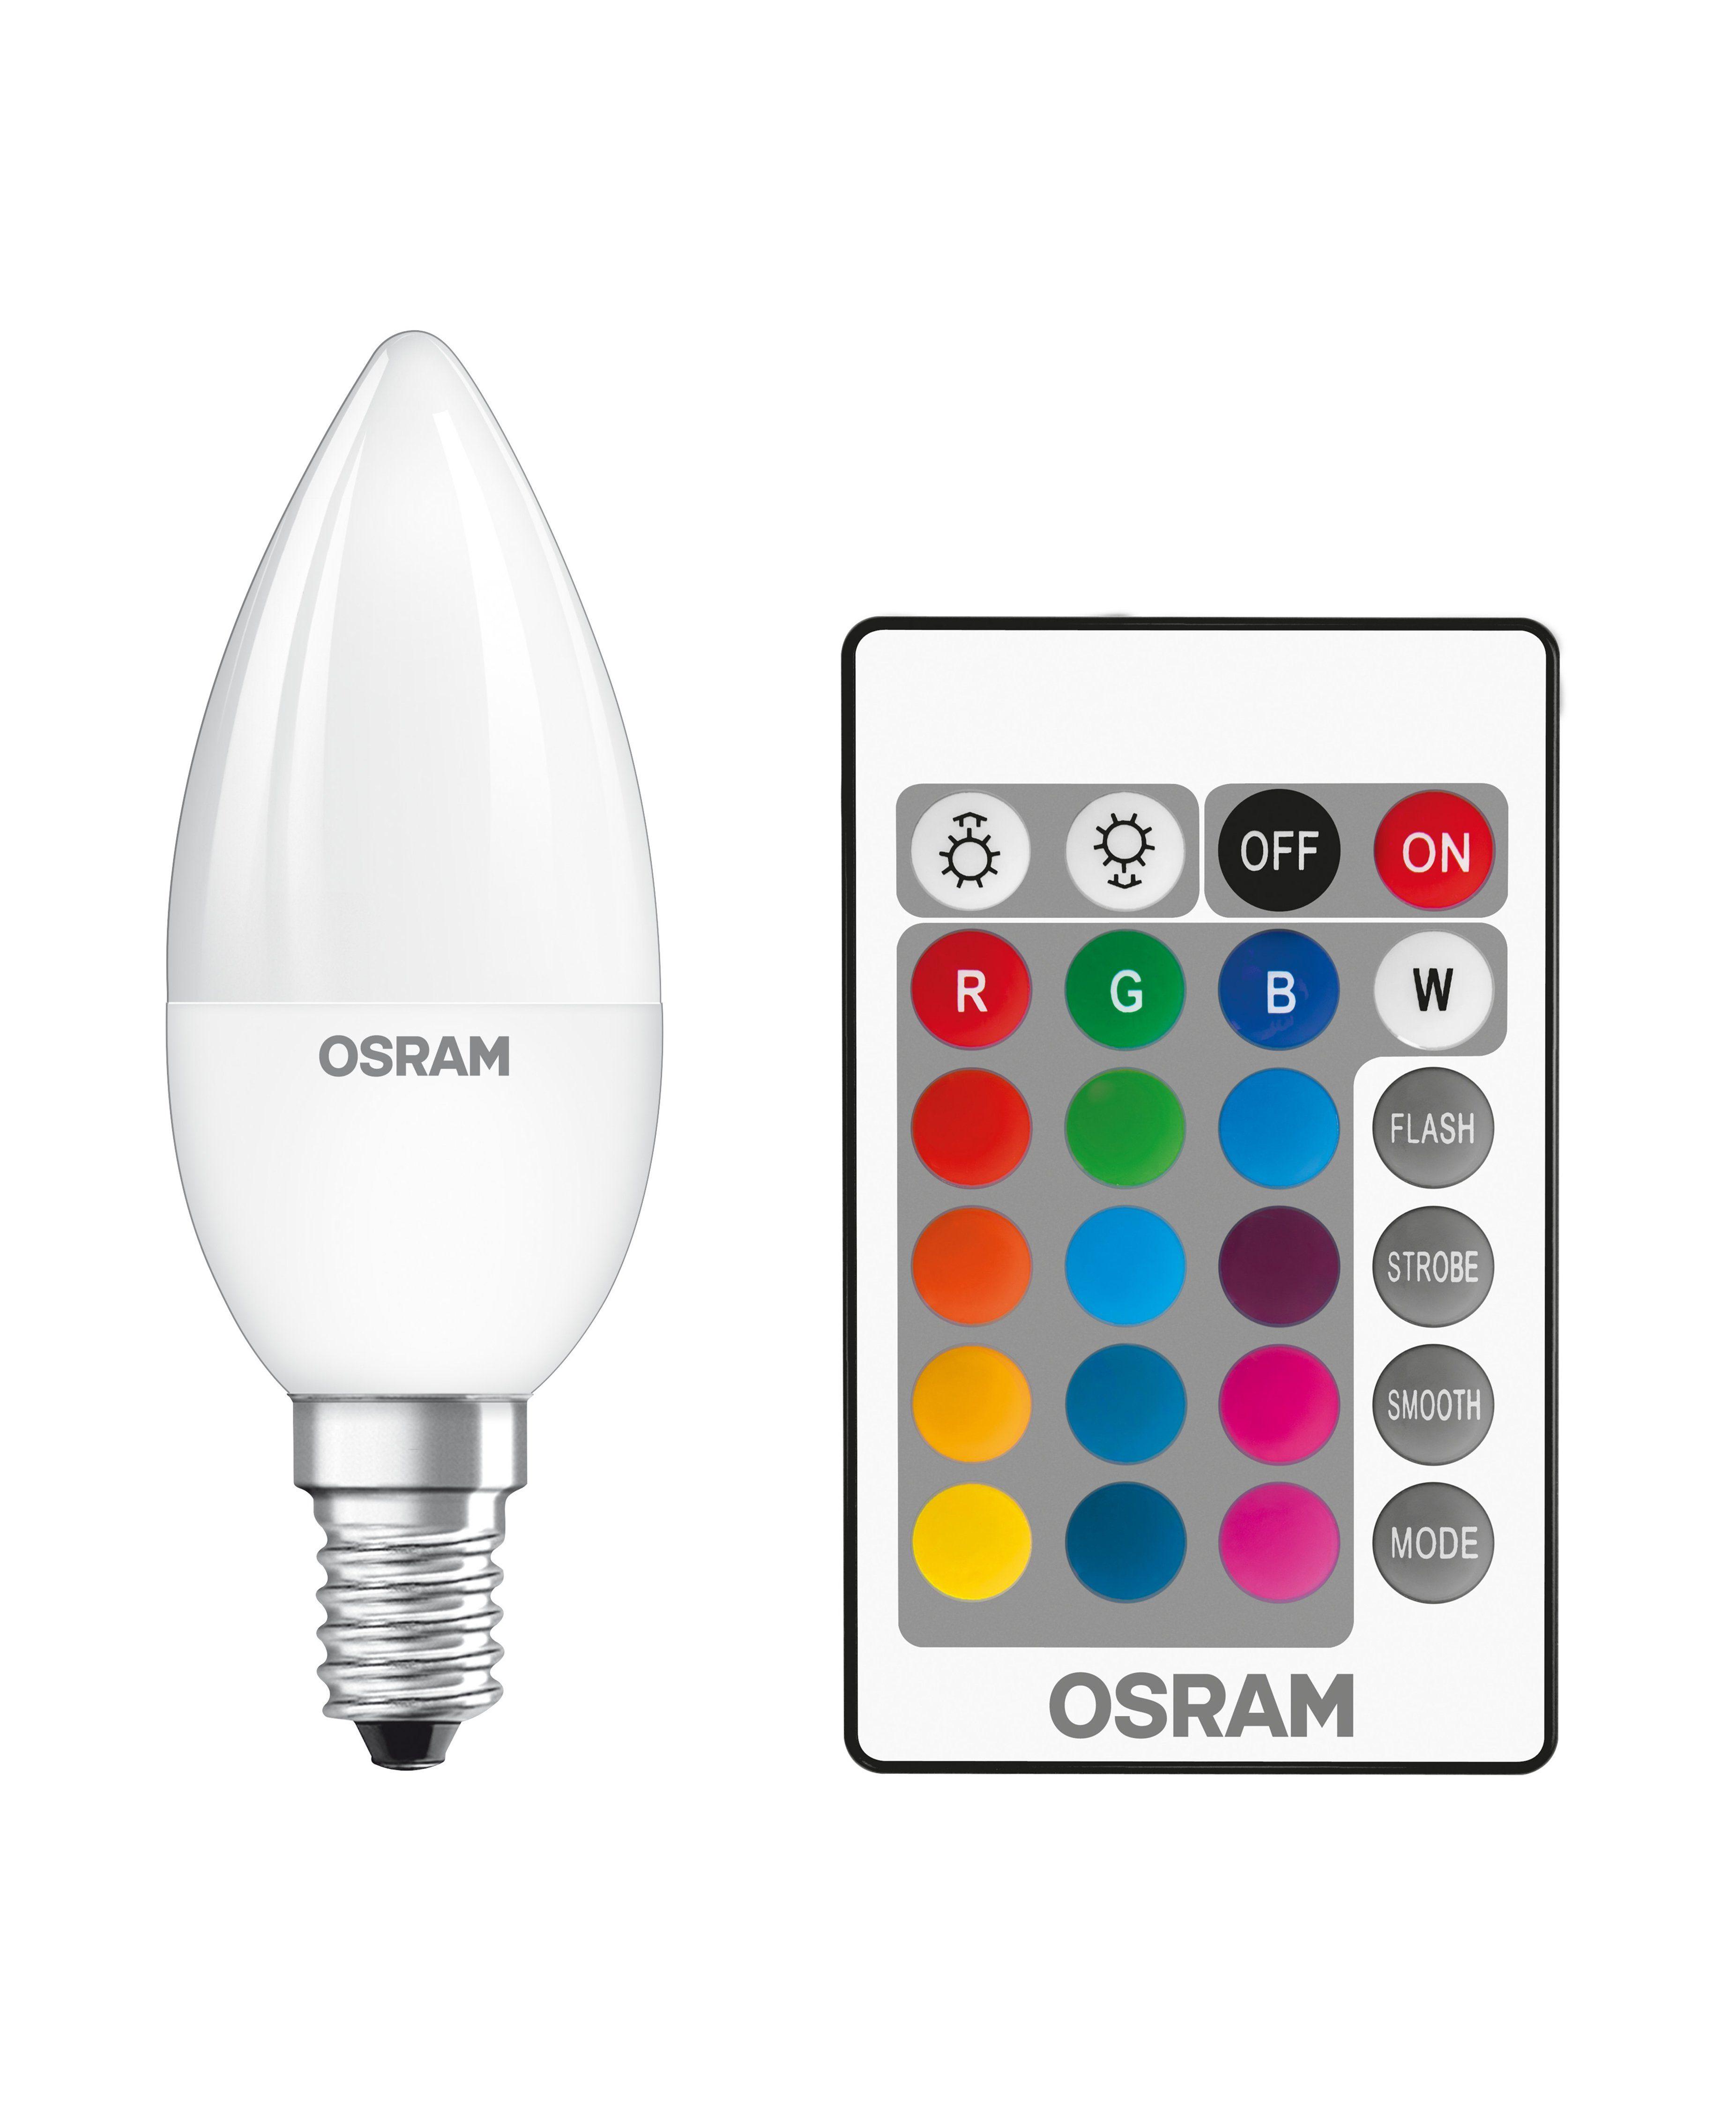 Osram Consumer LED-RGBW-Lampe mit Fernbedienung »ST CLAS B 25 4.5 W/827 E14 RGBW«